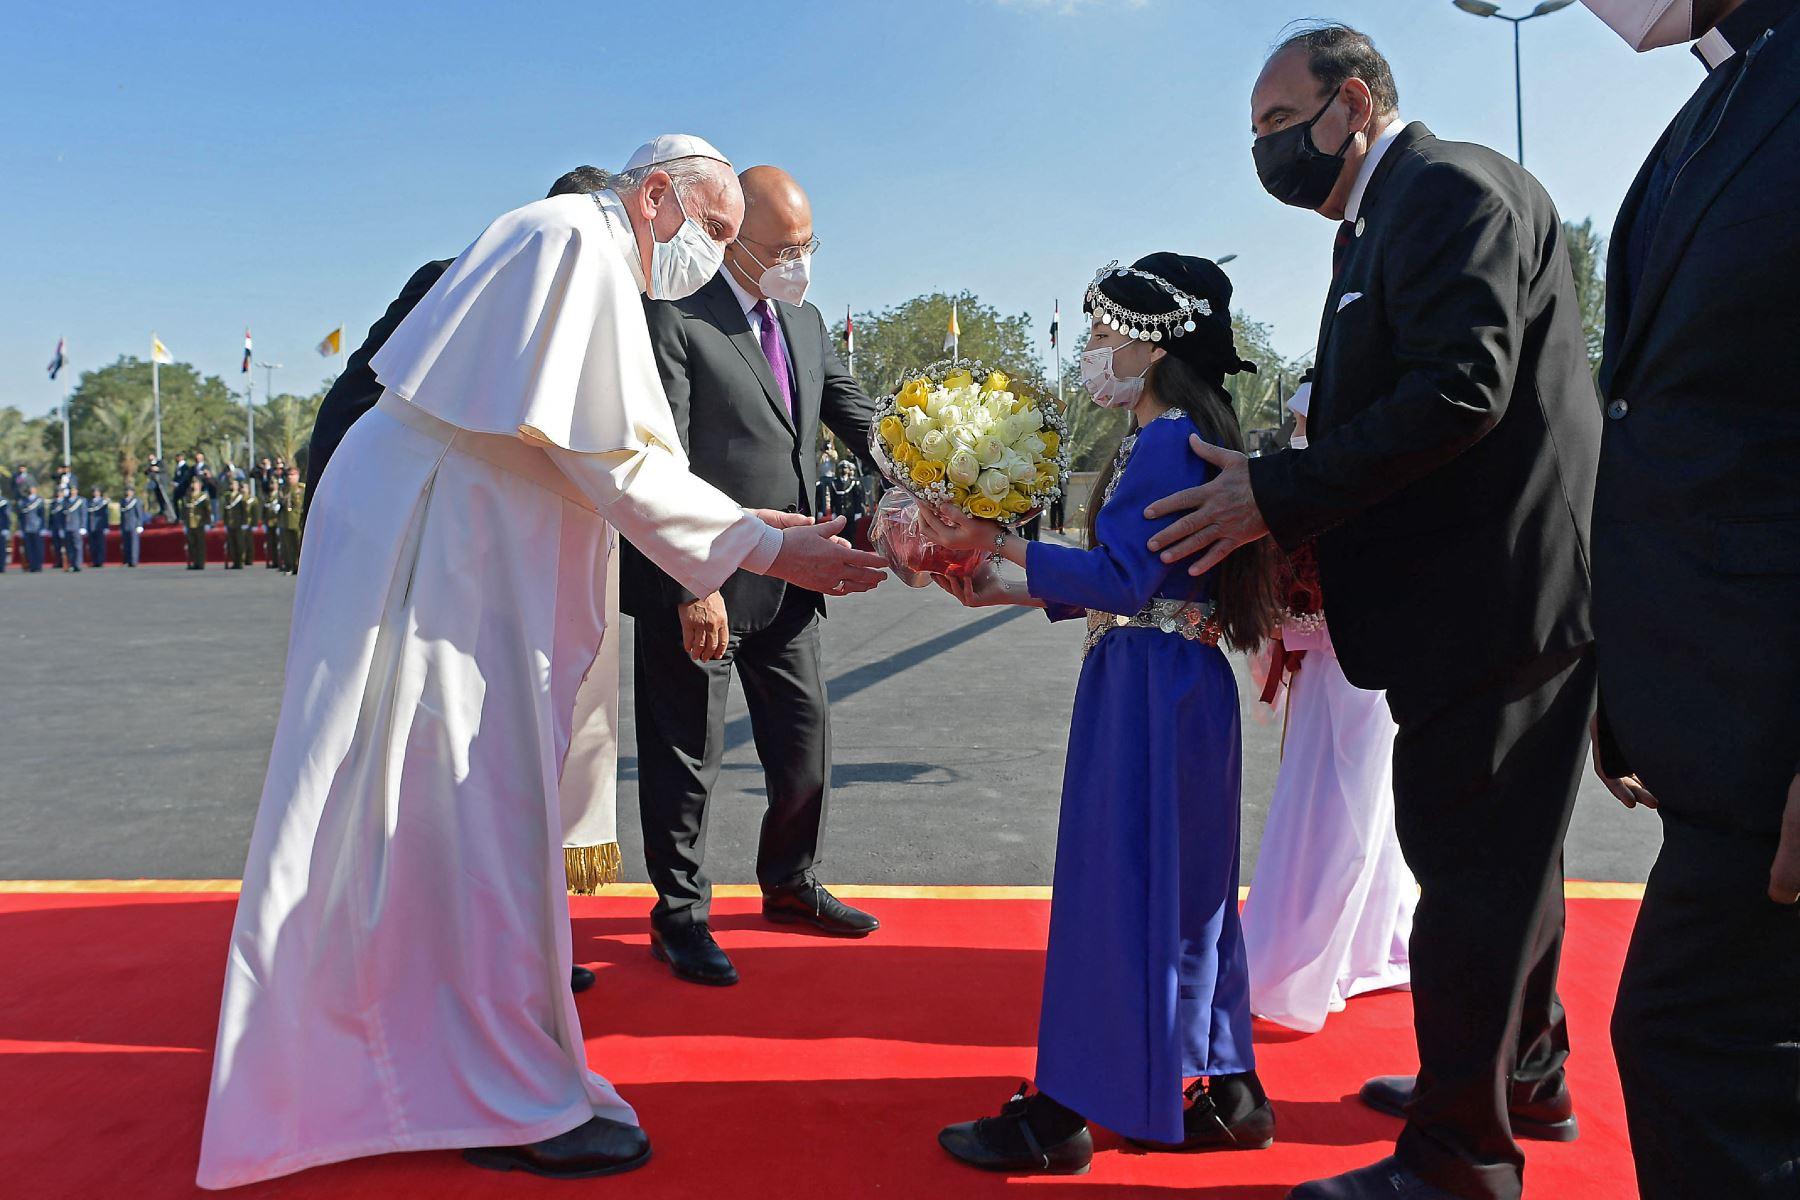 Una niña iraquí con un traje tradicional ofrece al Papa Francisco un ramo de flores en el aeropuerto de Bagdad a su llegada el 5 de marzo de 2021 en la primera visita papal. Foto: AFP